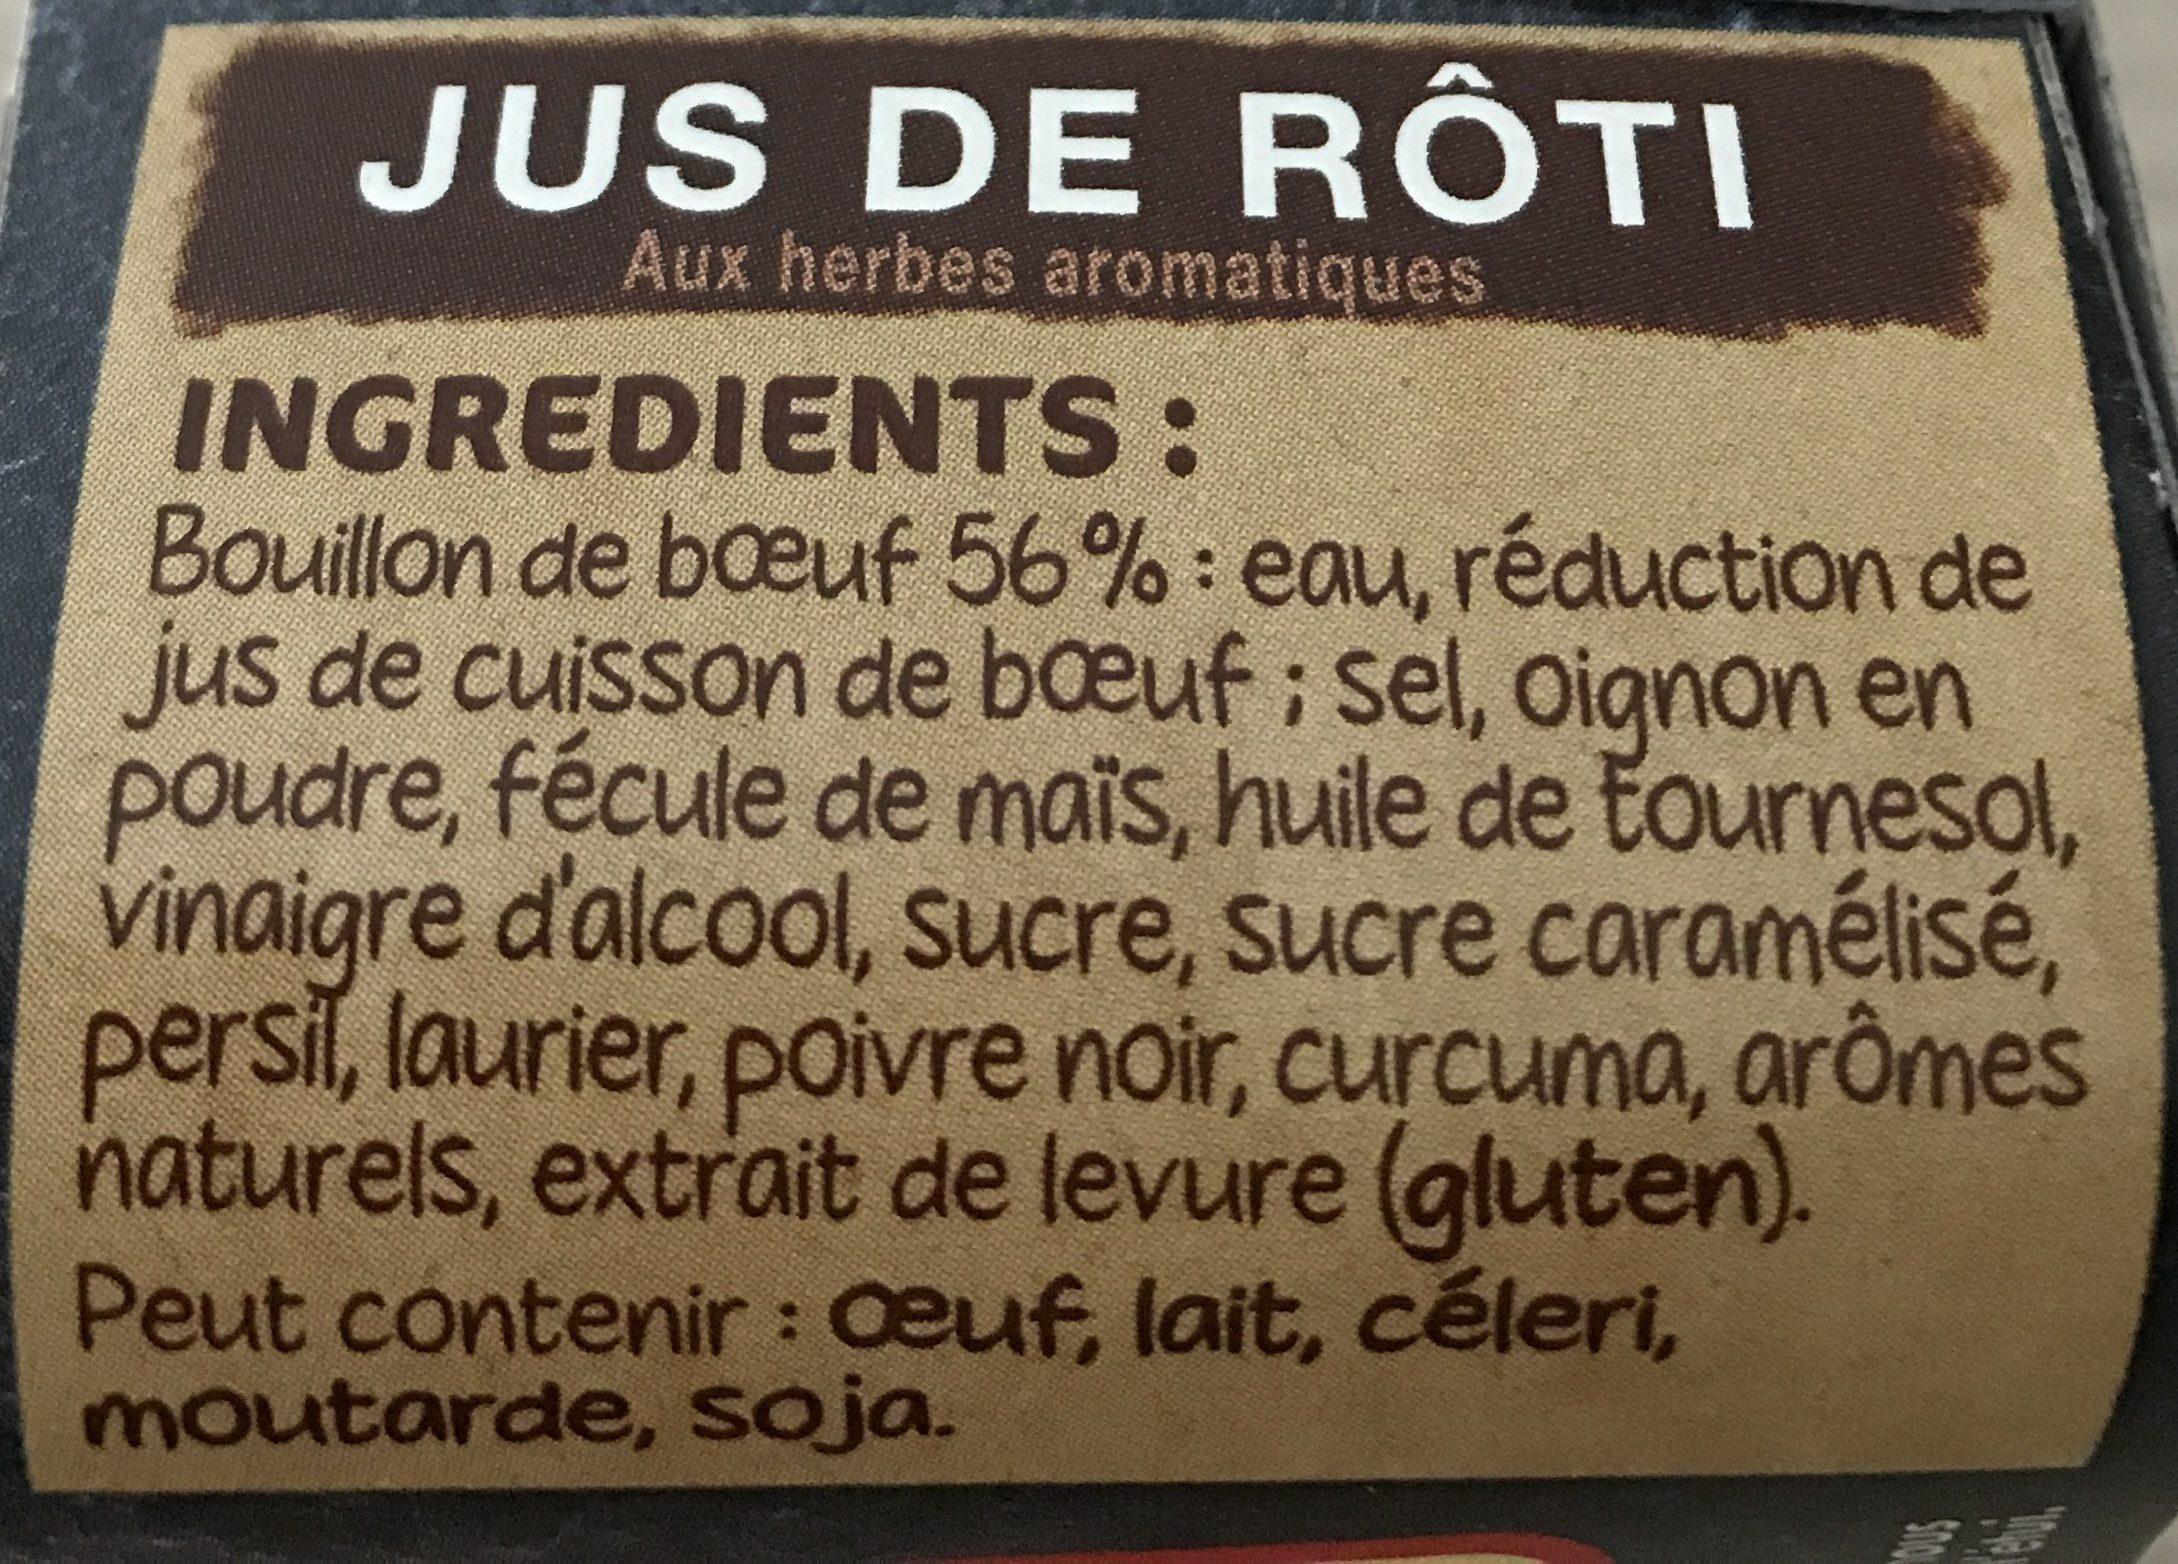 Cœur de Bouillon Bouillon jus de rôti - Ingrédients